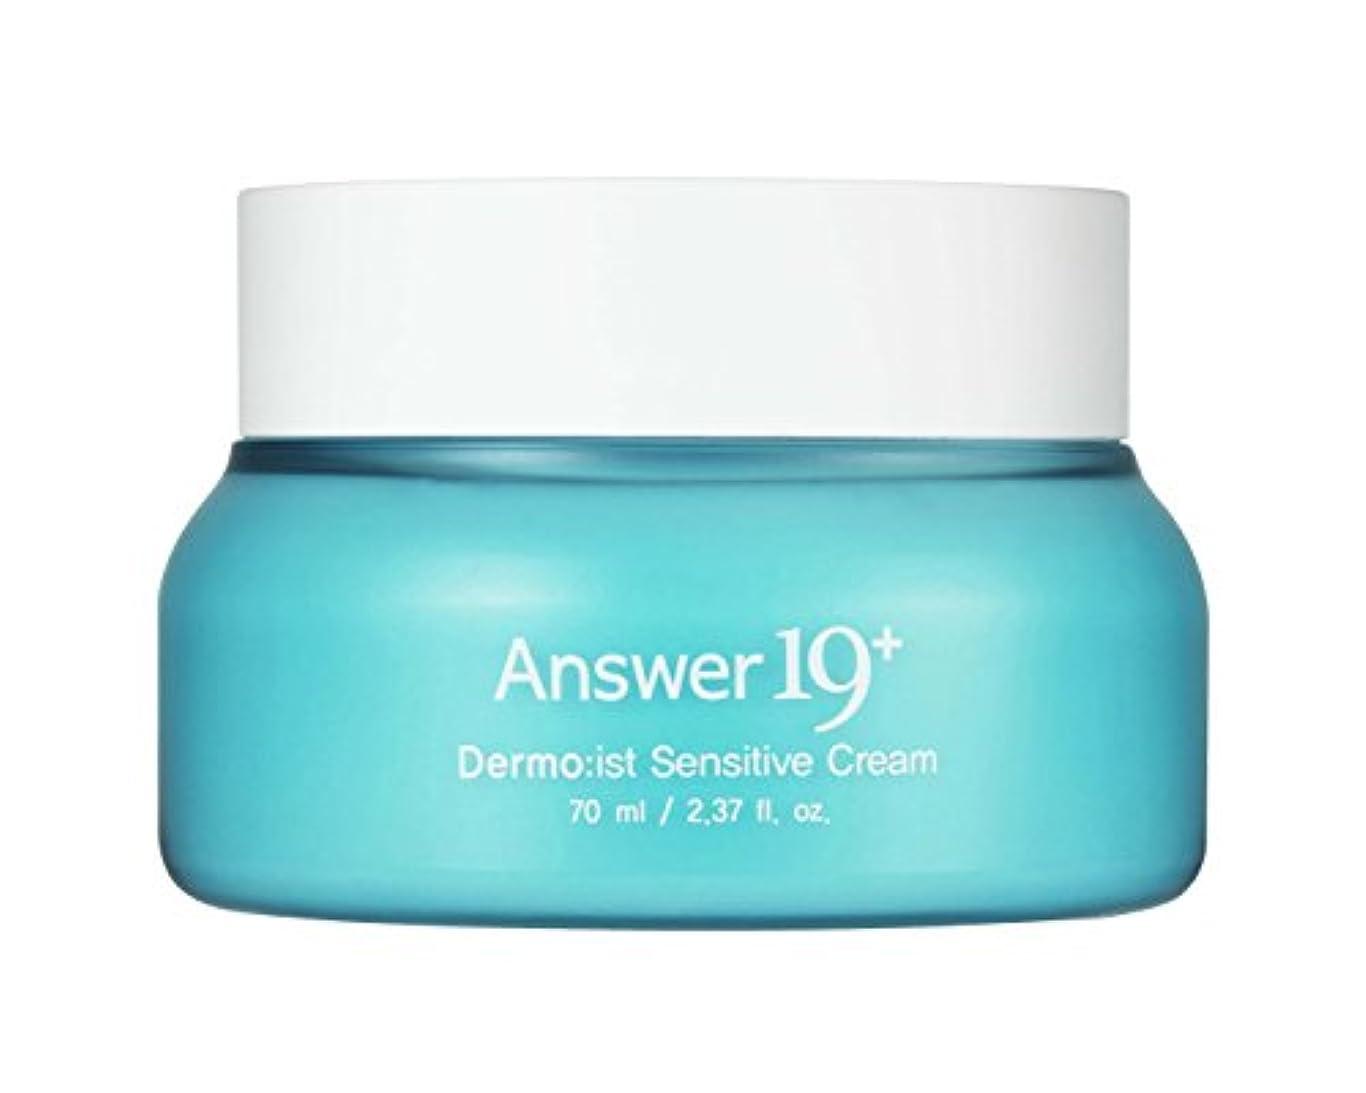 ケーブルカー切手初心者[ANSWER NINETEEN +] 感受性クリーム - 敏感肌のための深いモイスチャライジング、鎮静効果。 天然スーパーフード成分、パンテノール(ビタミンB5)、ベータグルカン、ヒアルロン酸、70ml